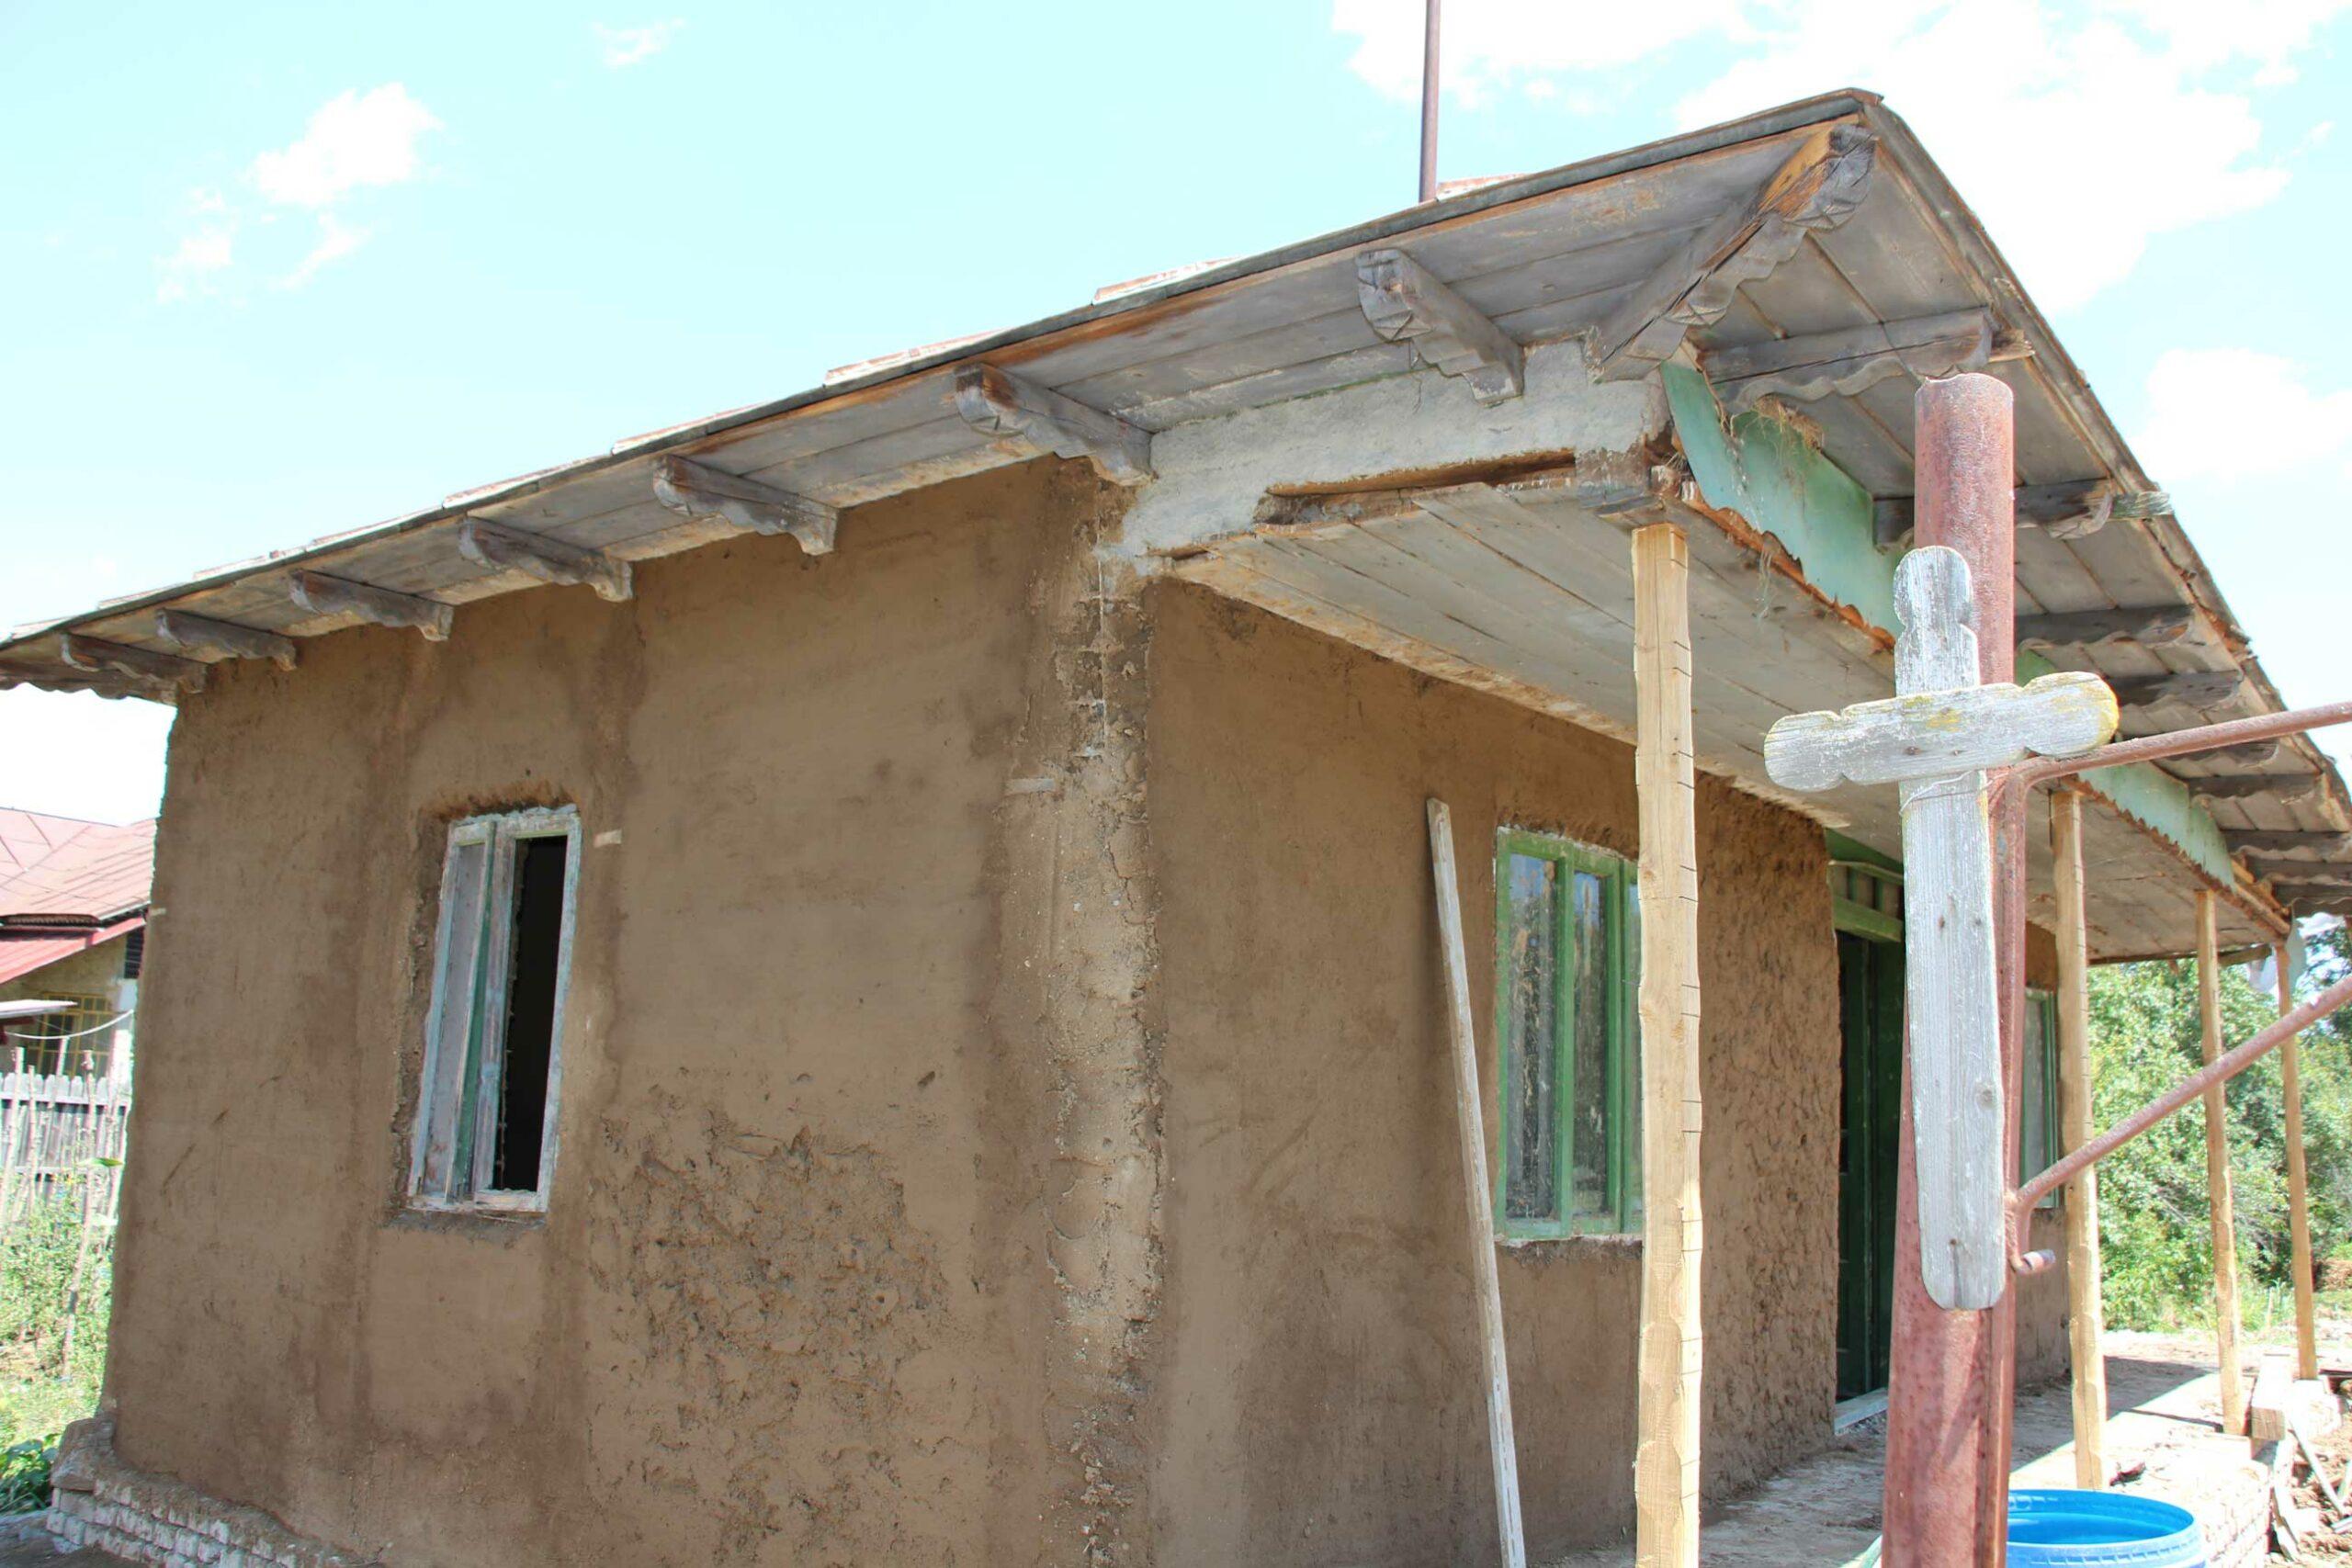 Prispa-familiei-Călărașu,-fațada-și-interiorul-capătă-parfumul-de-altădată,-tradițional.-Fie-el-de-balegă-amestecătă-cu-lut-roșu.-foto-2